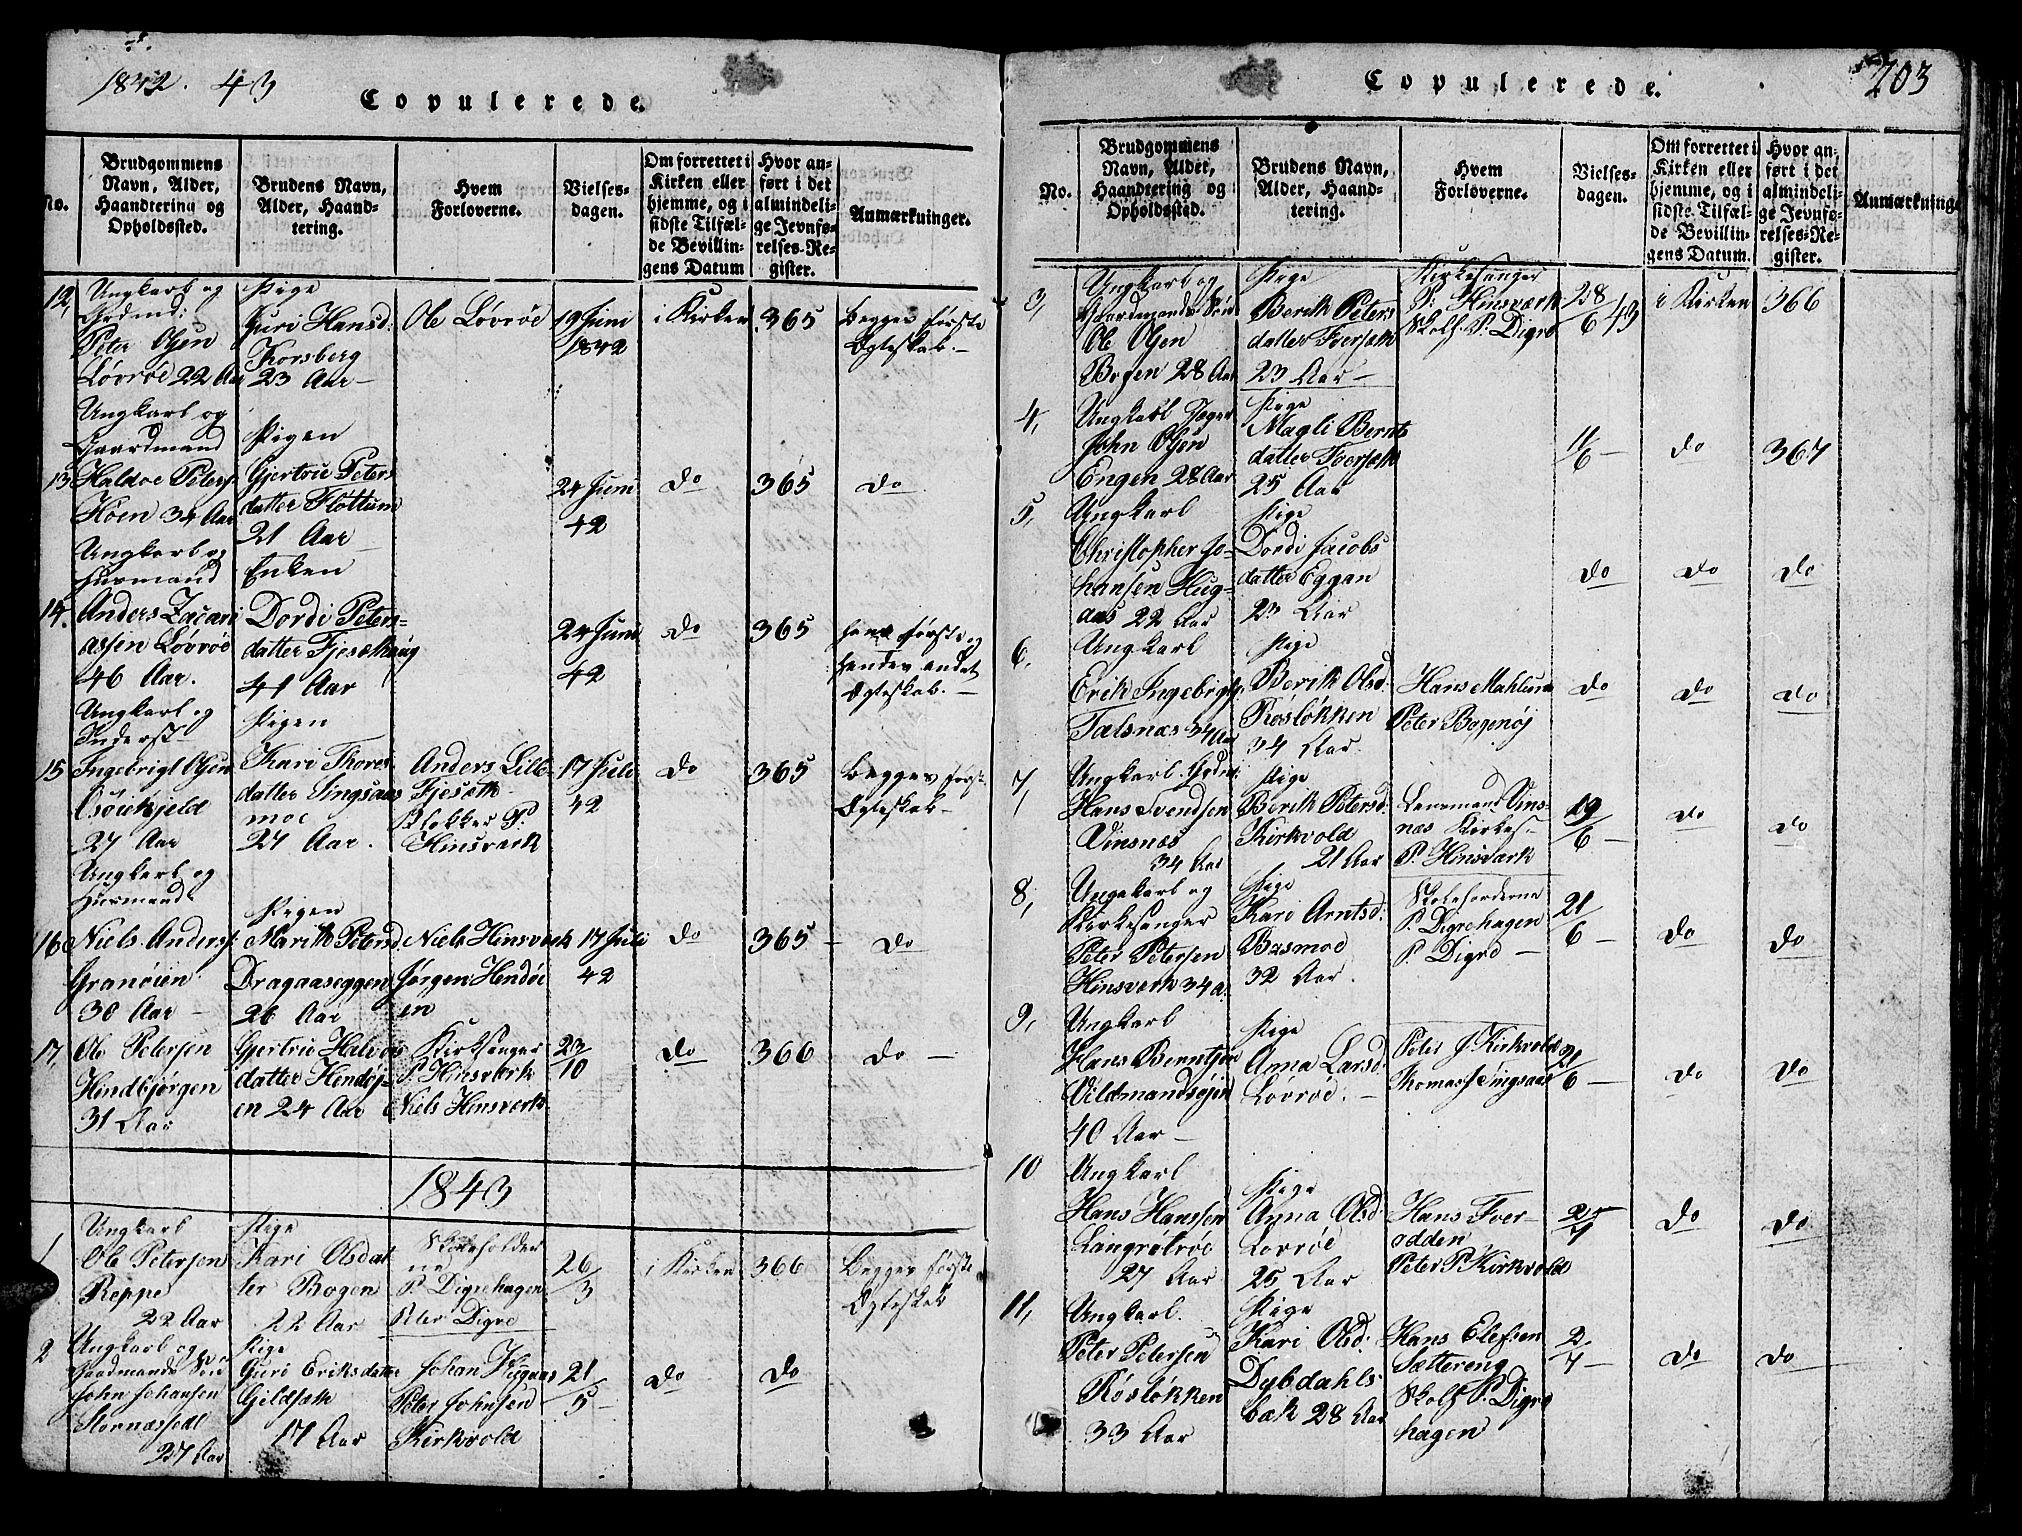 SAT, Ministerialprotokoller, klokkerbøker og fødselsregistre - Sør-Trøndelag, 688/L1026: Klokkerbok nr. 688C01, 1817-1860, s. 203